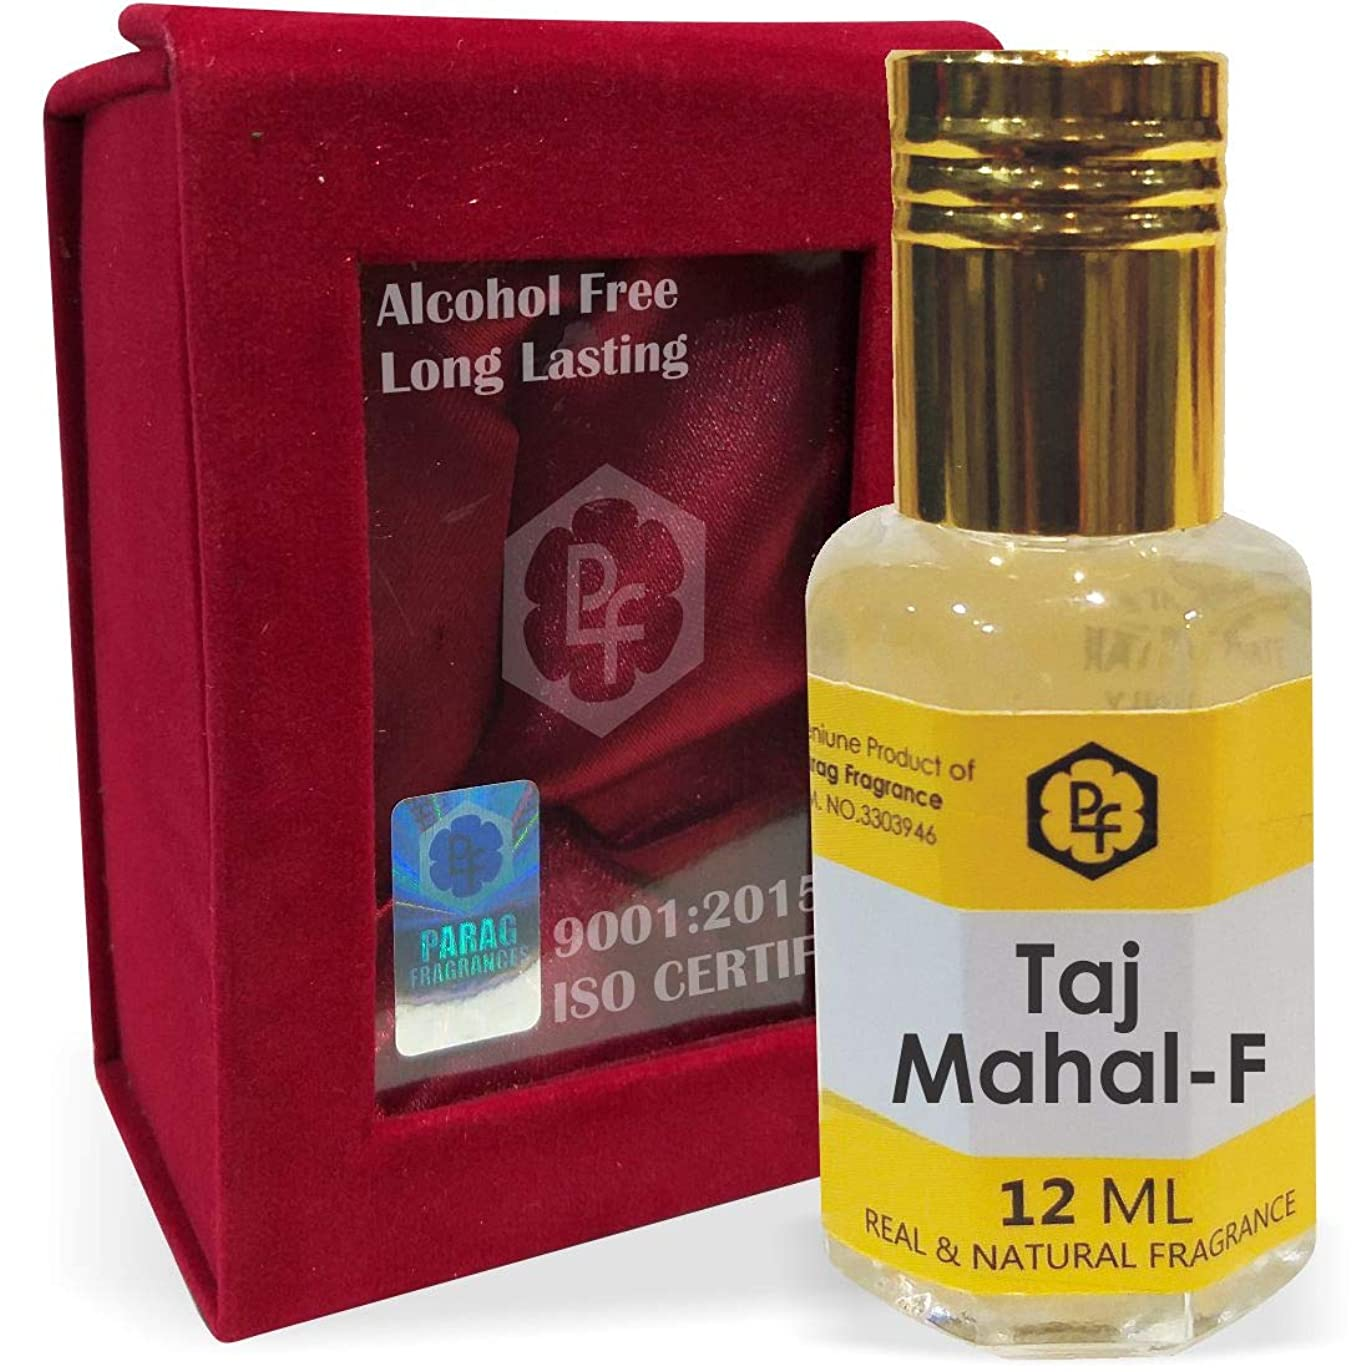 磨かれた政権フラグラントParagフレグランスタージマハル-F手作りベルベットボックス12ミリリットルアター/香水(インドの伝統的なBhapka処理方法により、インド製)オイル/フレグランスオイル|長持ちアターITRA最高の品質